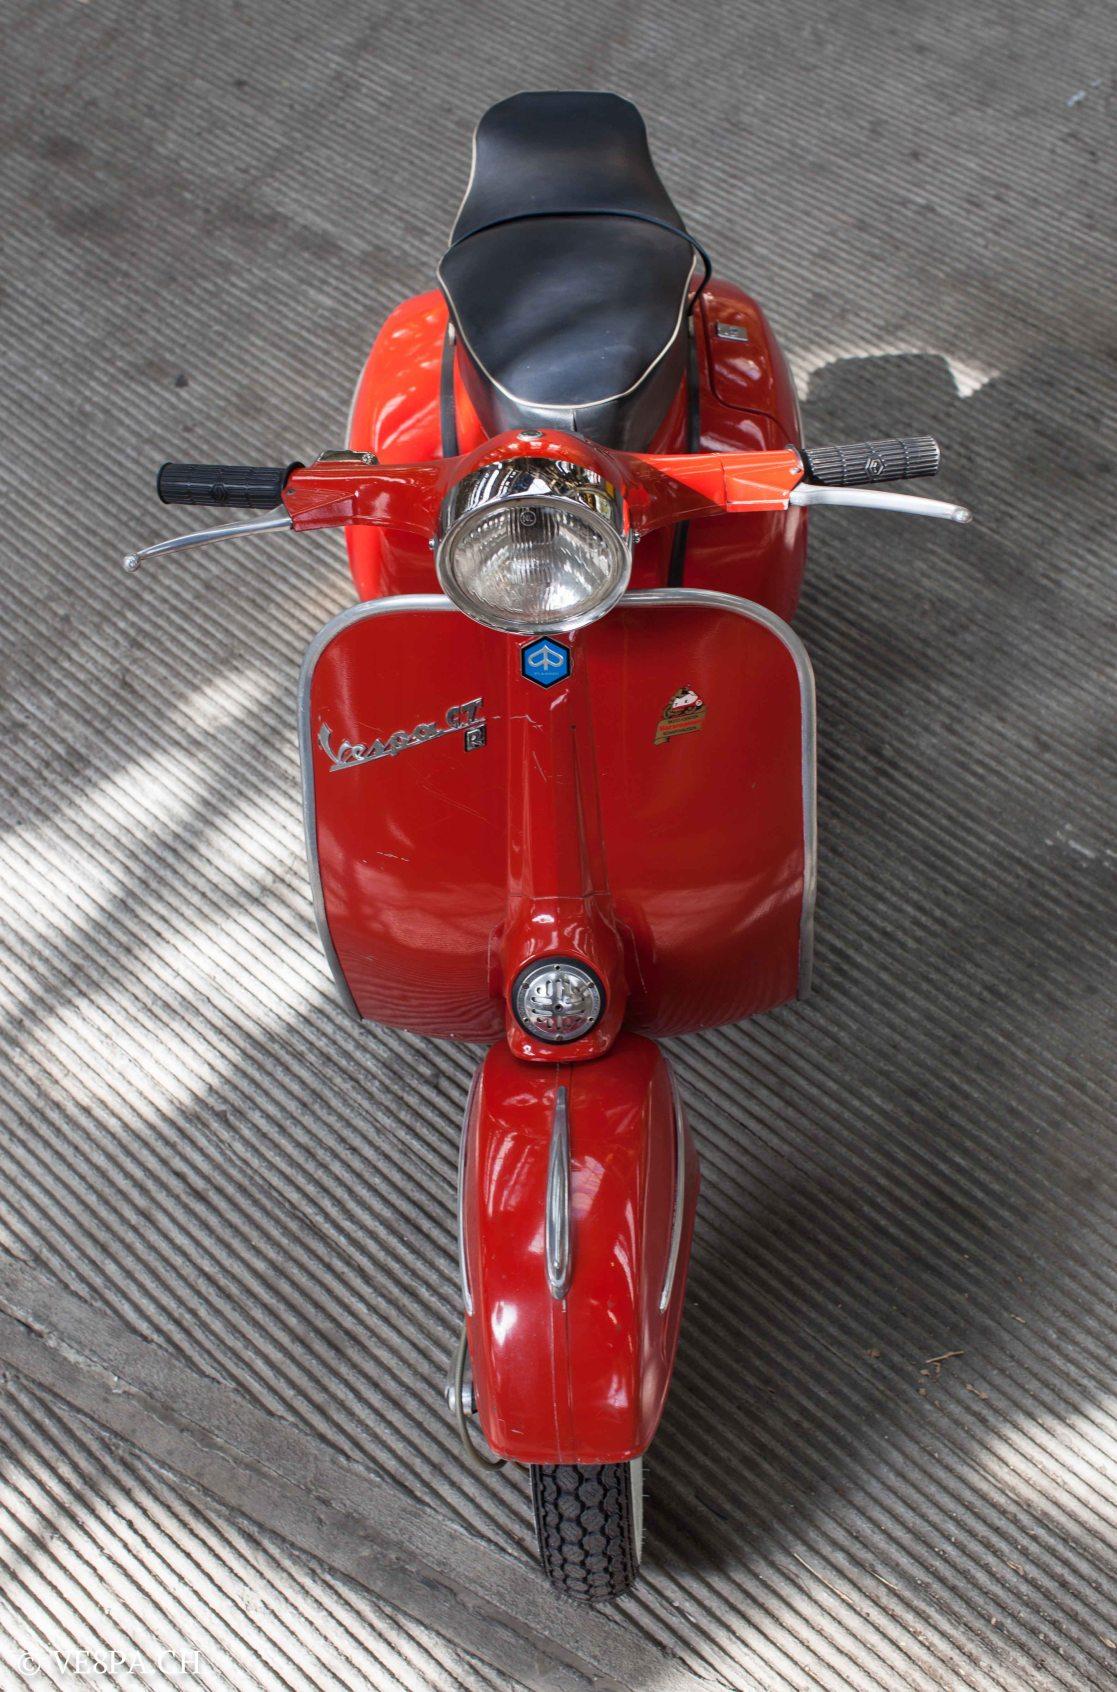 Vespa GTR (Gran Turismo) 125, Rosso Corallo, Jg. 1972, im O-Lack, original Zustand - VE8PA.CH-5-2